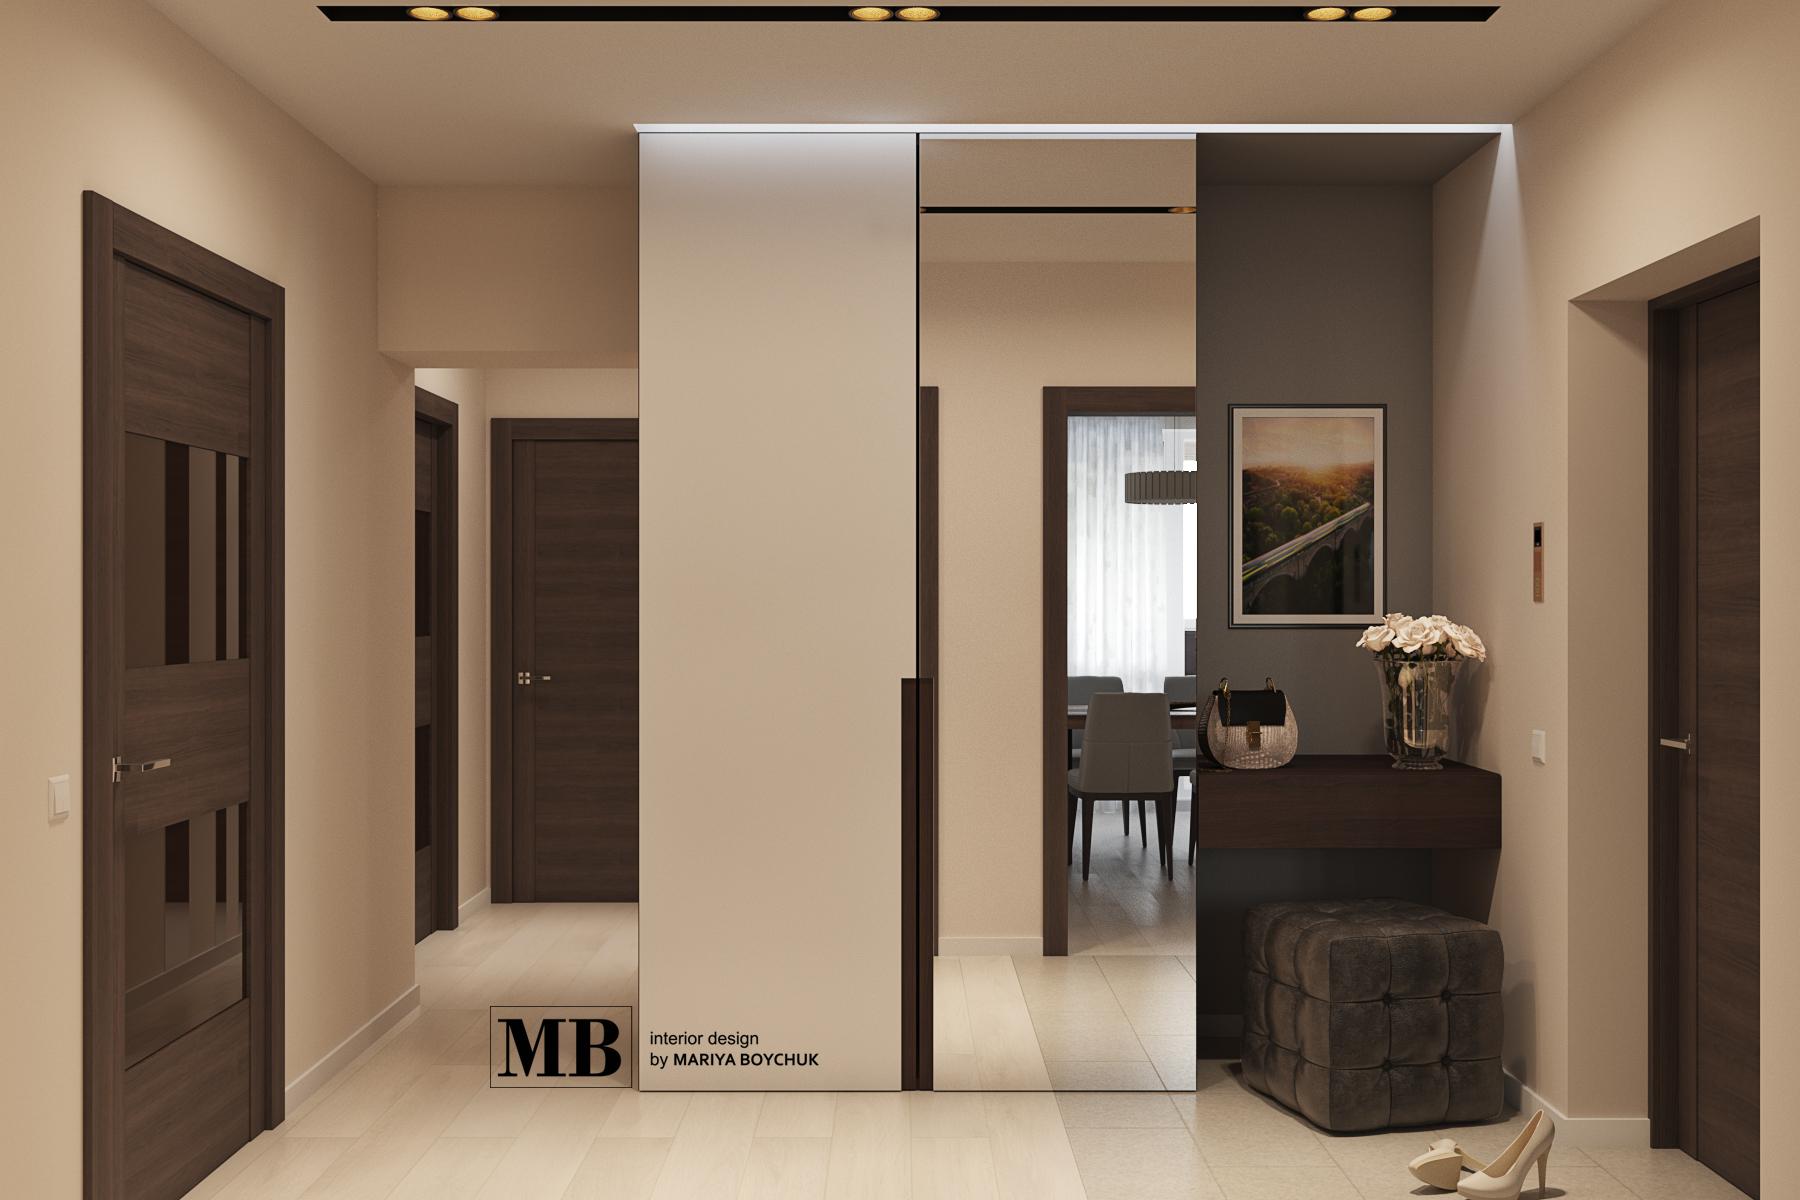 дизайн интерьера квартир в г. Калининград